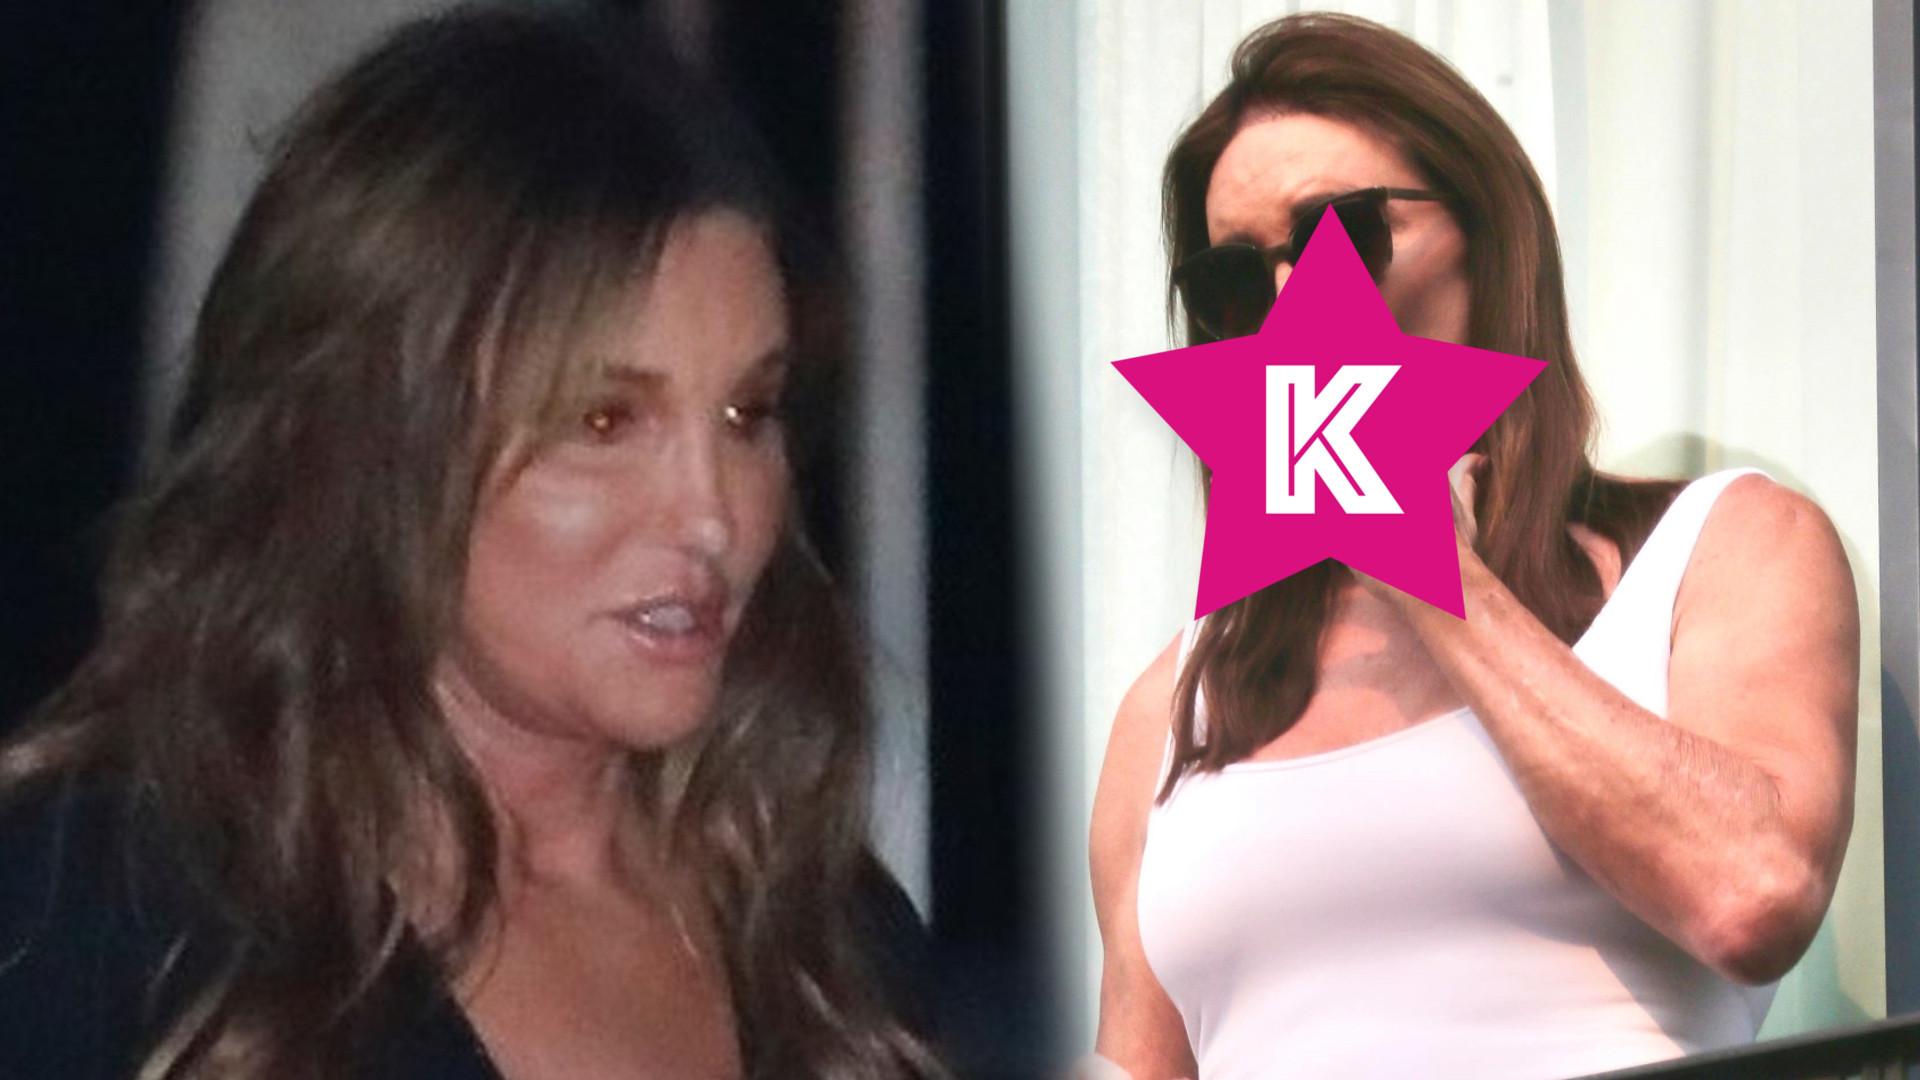 Caitlyn Jenner potajemnie pali papierosa! Ma takie MIĘŚNIE a zaciąga się fajką?! (FOTO)